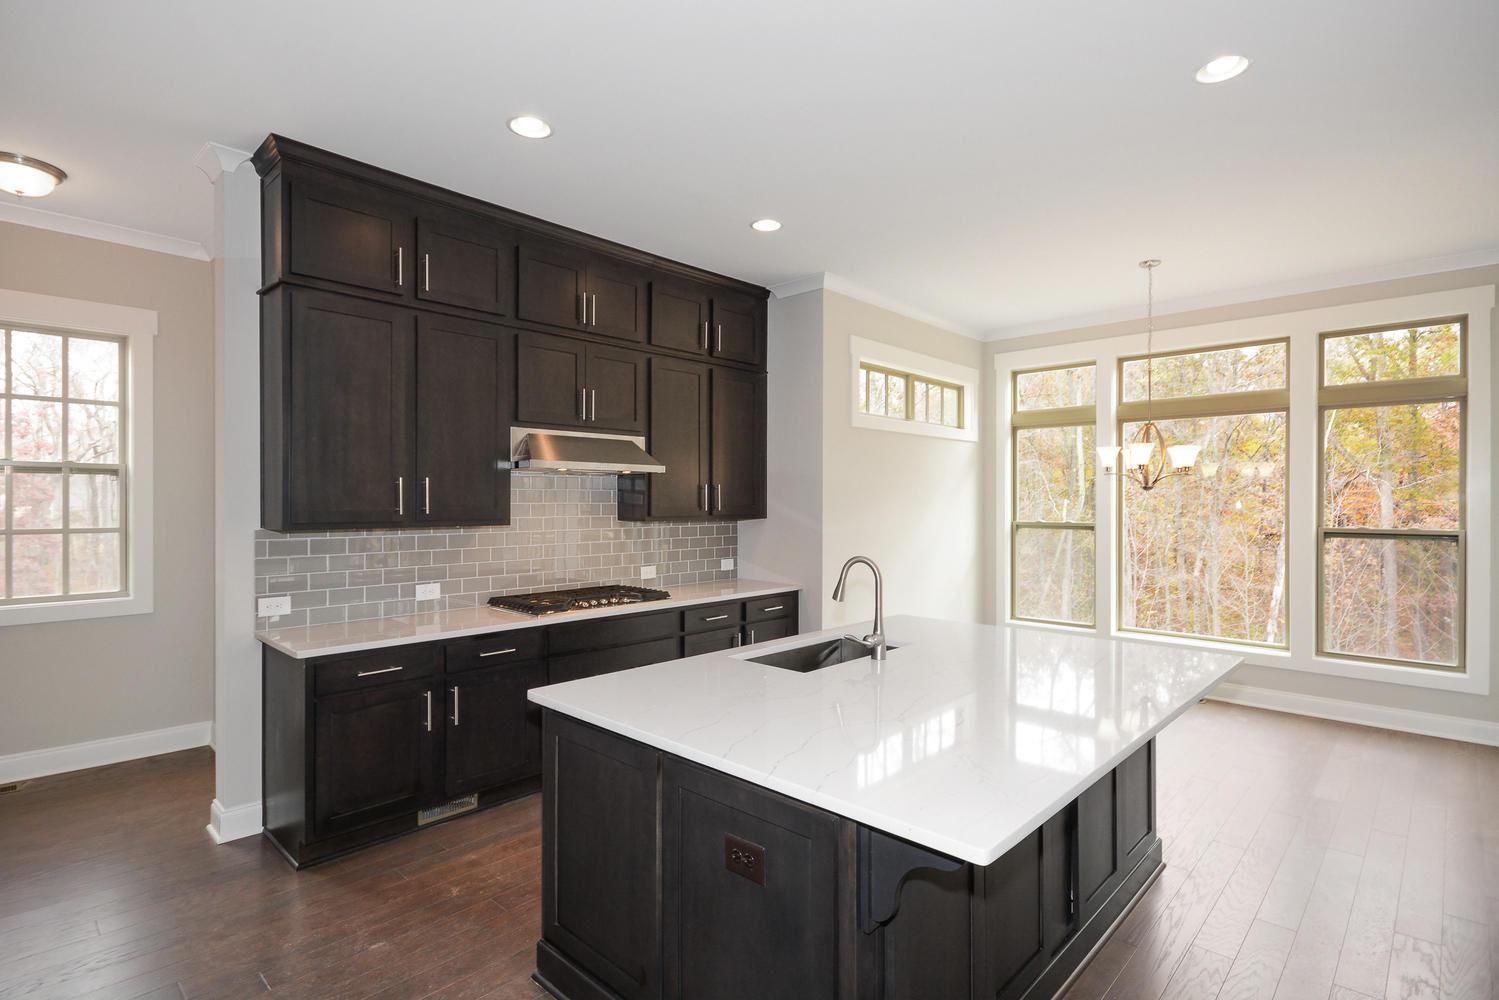 Dunes West Homes For Sale - 2949 Minnow, Mount Pleasant, SC - 15